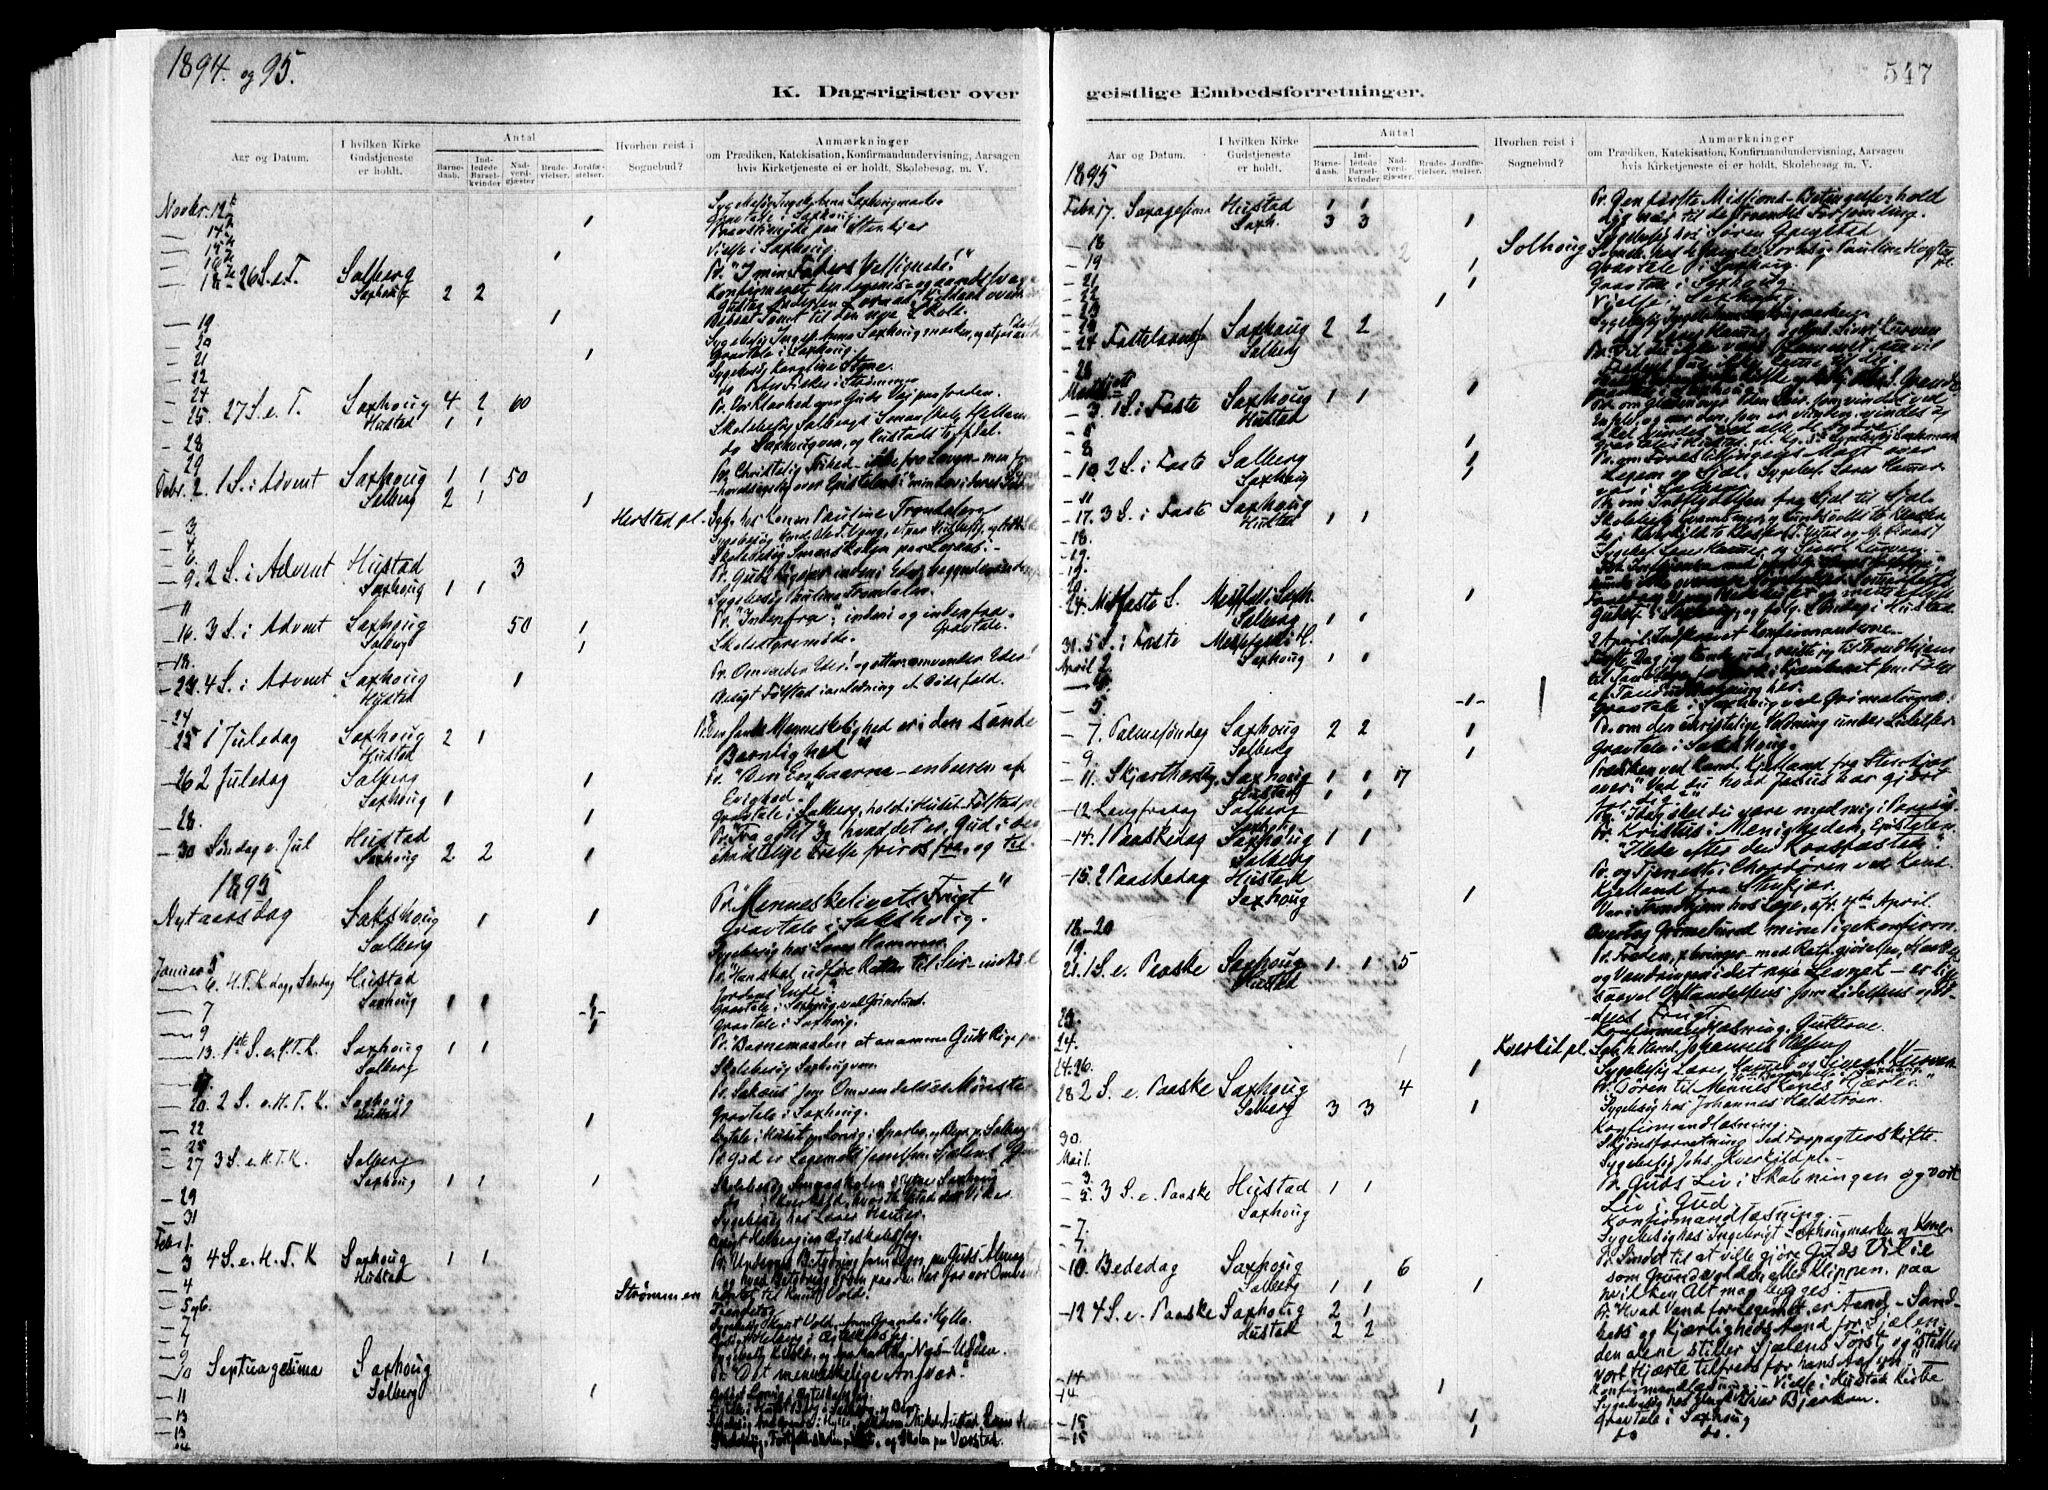 SAT, Ministerialprotokoller, klokkerbøker og fødselsregistre - Nord-Trøndelag, 730/L0285: Ministerialbok nr. 730A10, 1879-1914, s. 547